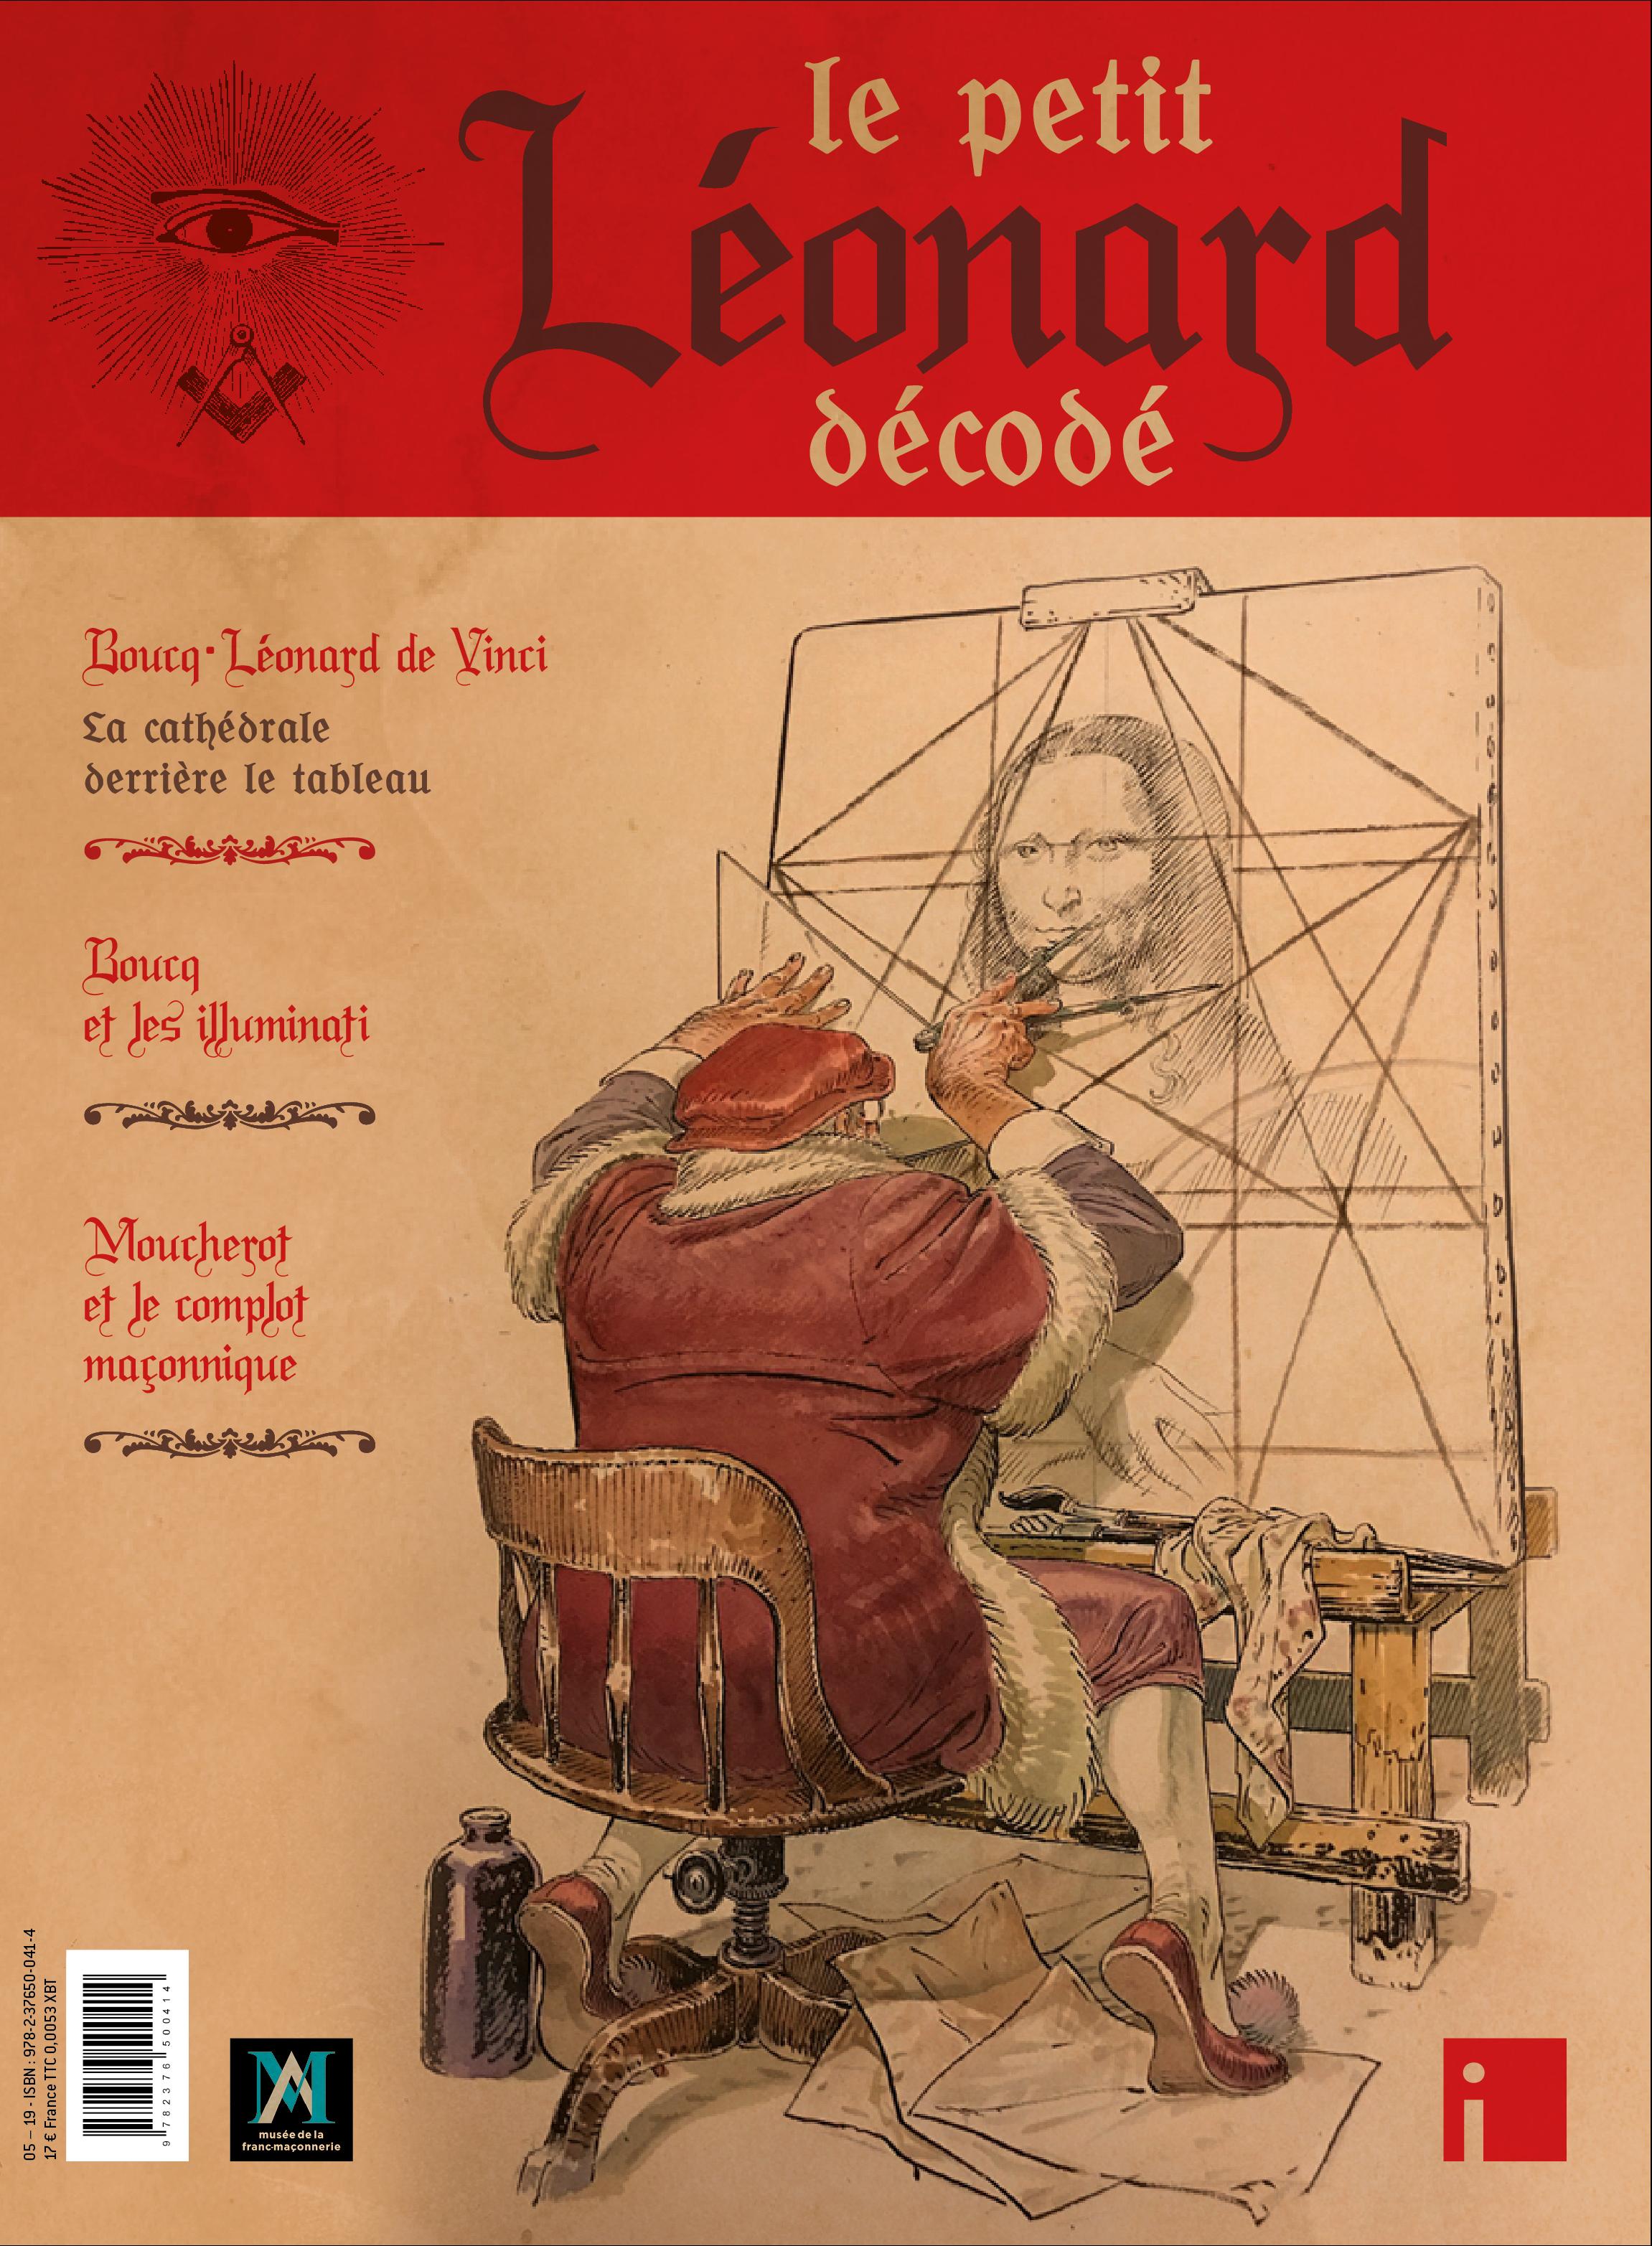 Le Petit Léonard décodé, Boucq dit tout de Vinci